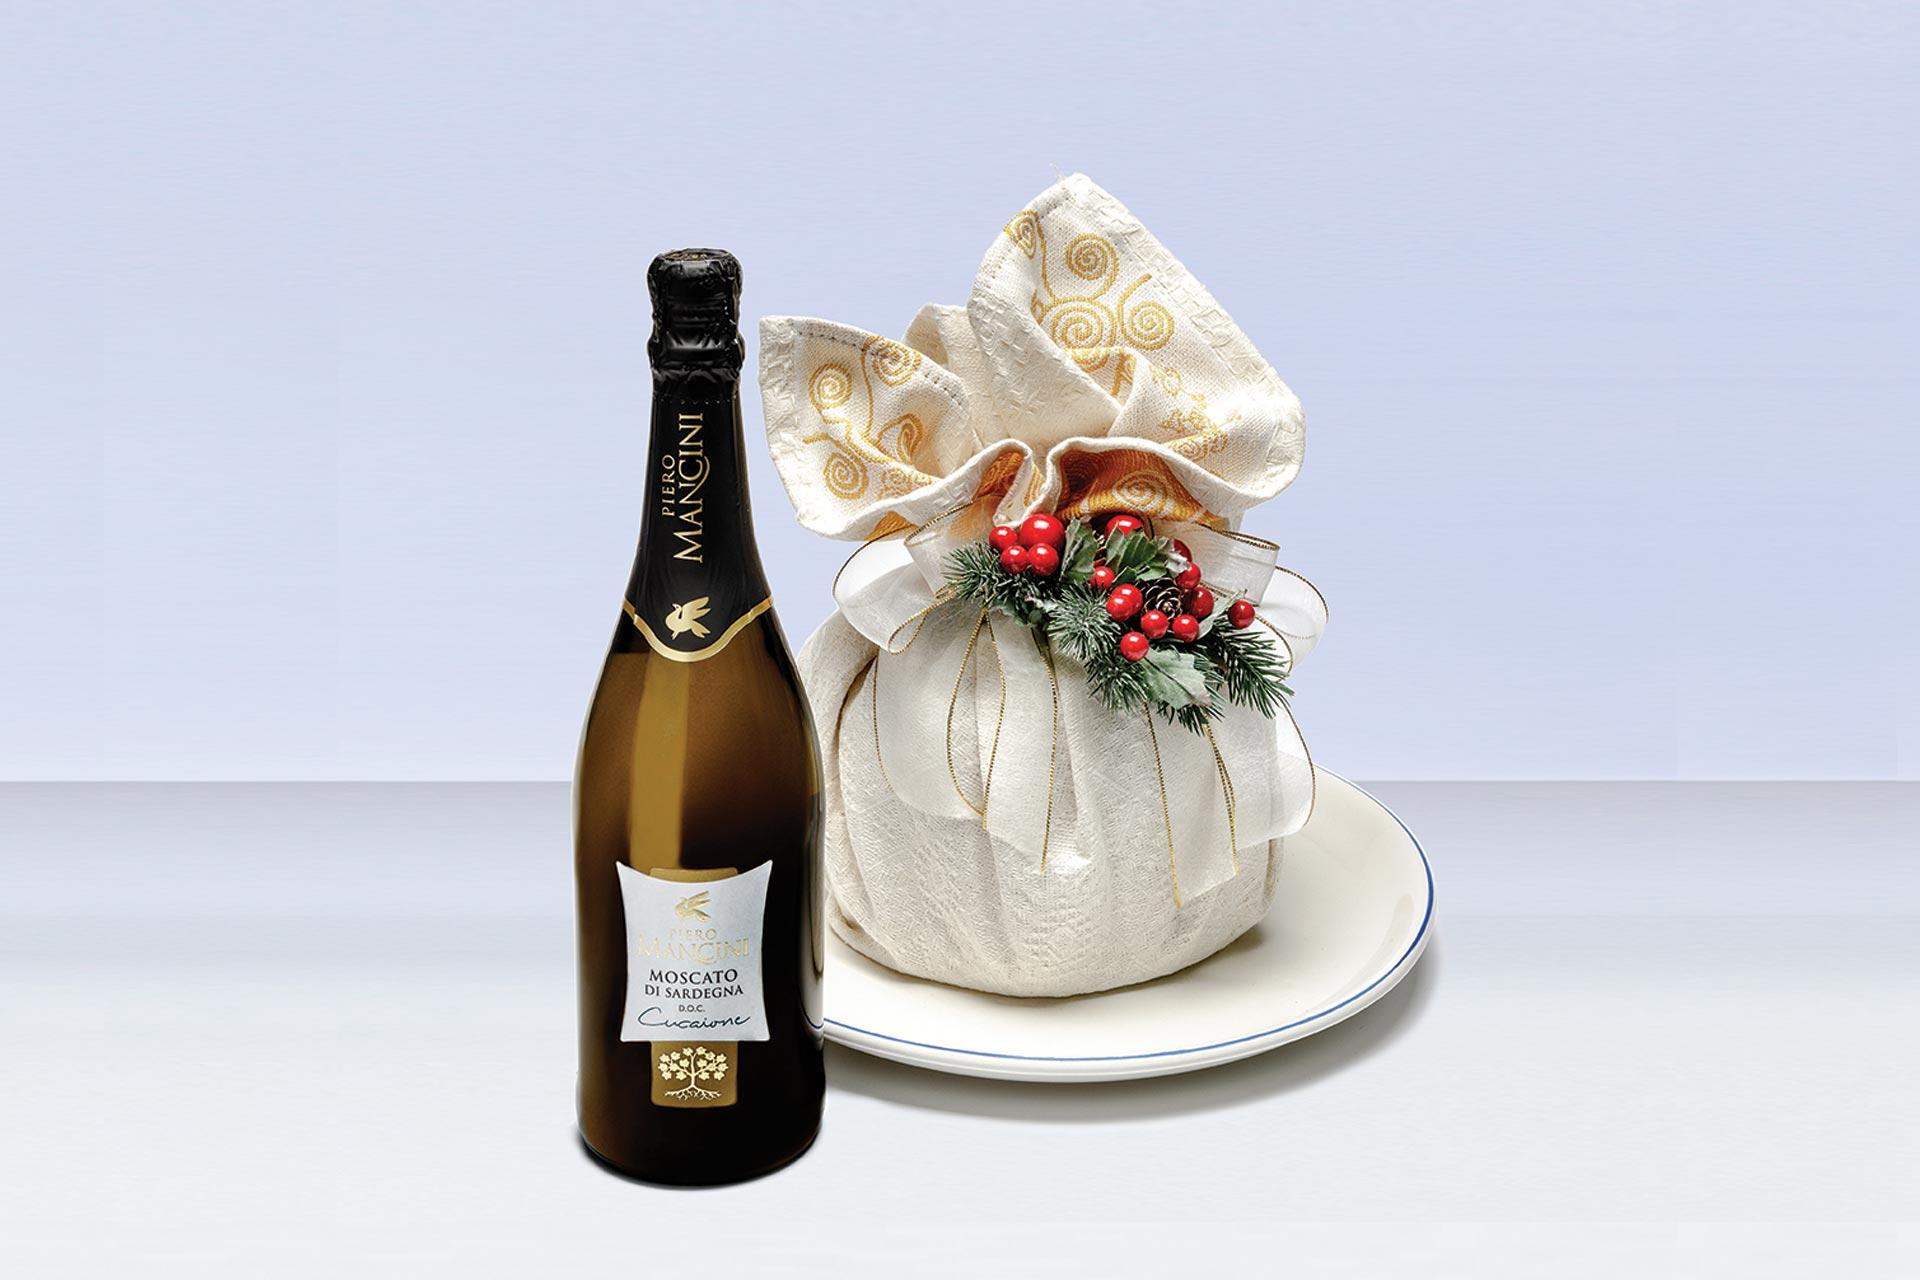 regali-natale-regalistica-porto-pollo-sisula-specialita-sardegna-cagliari